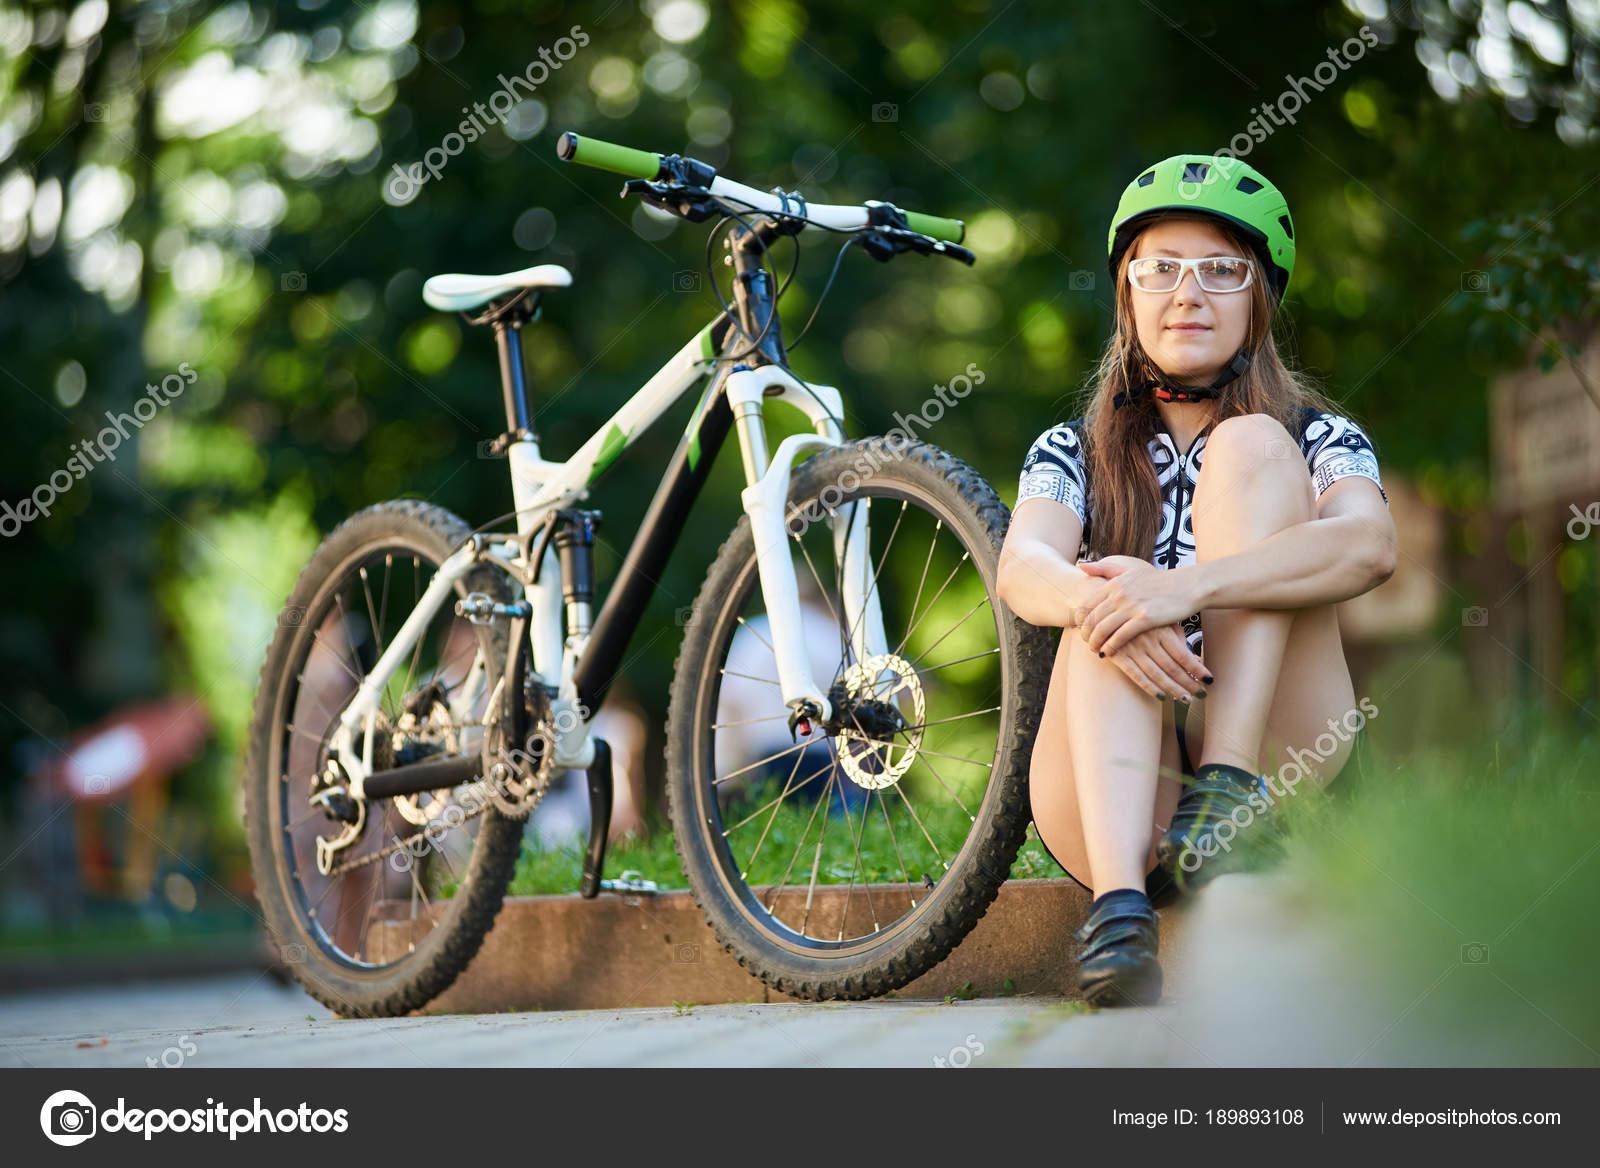 Γυναίκα ποδηλάτης επαγγελματική ποδηλασία ρούχα και κράνος κάθεται κοντά  ποδήλατο στην άκρη του δρόμου σε ηλιόλουστο da9261e4631